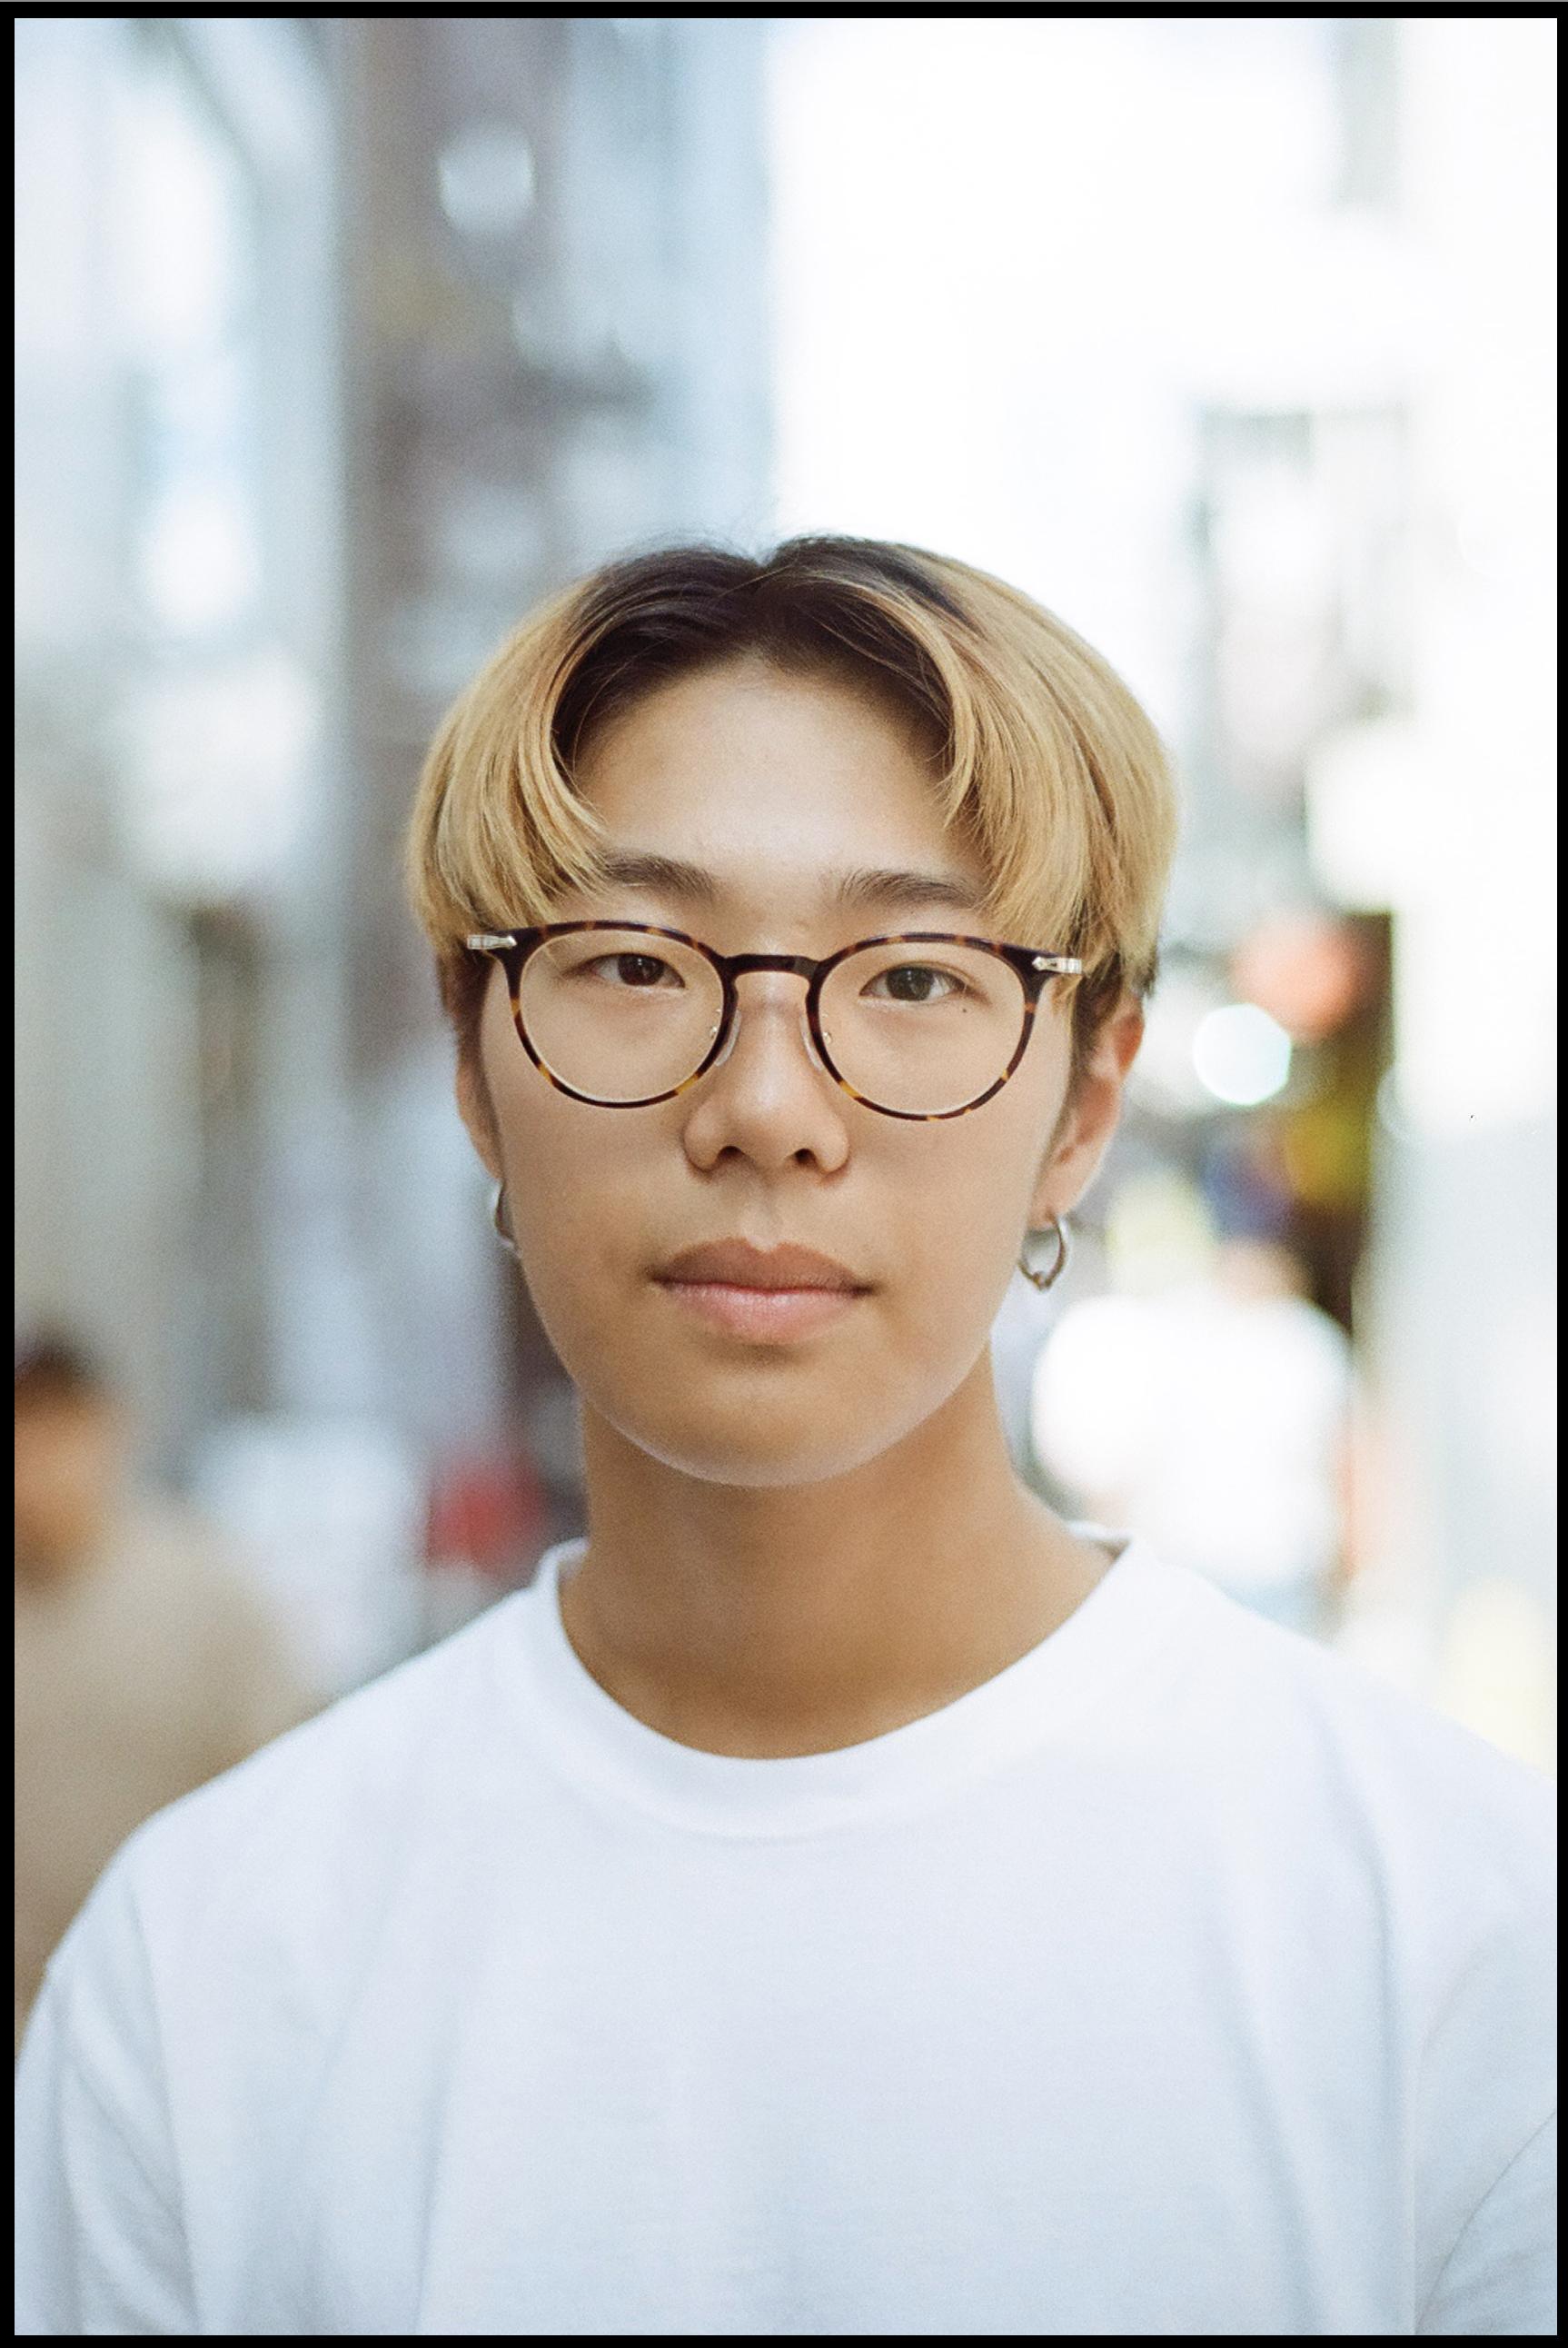 17歳 / 成田龍斗